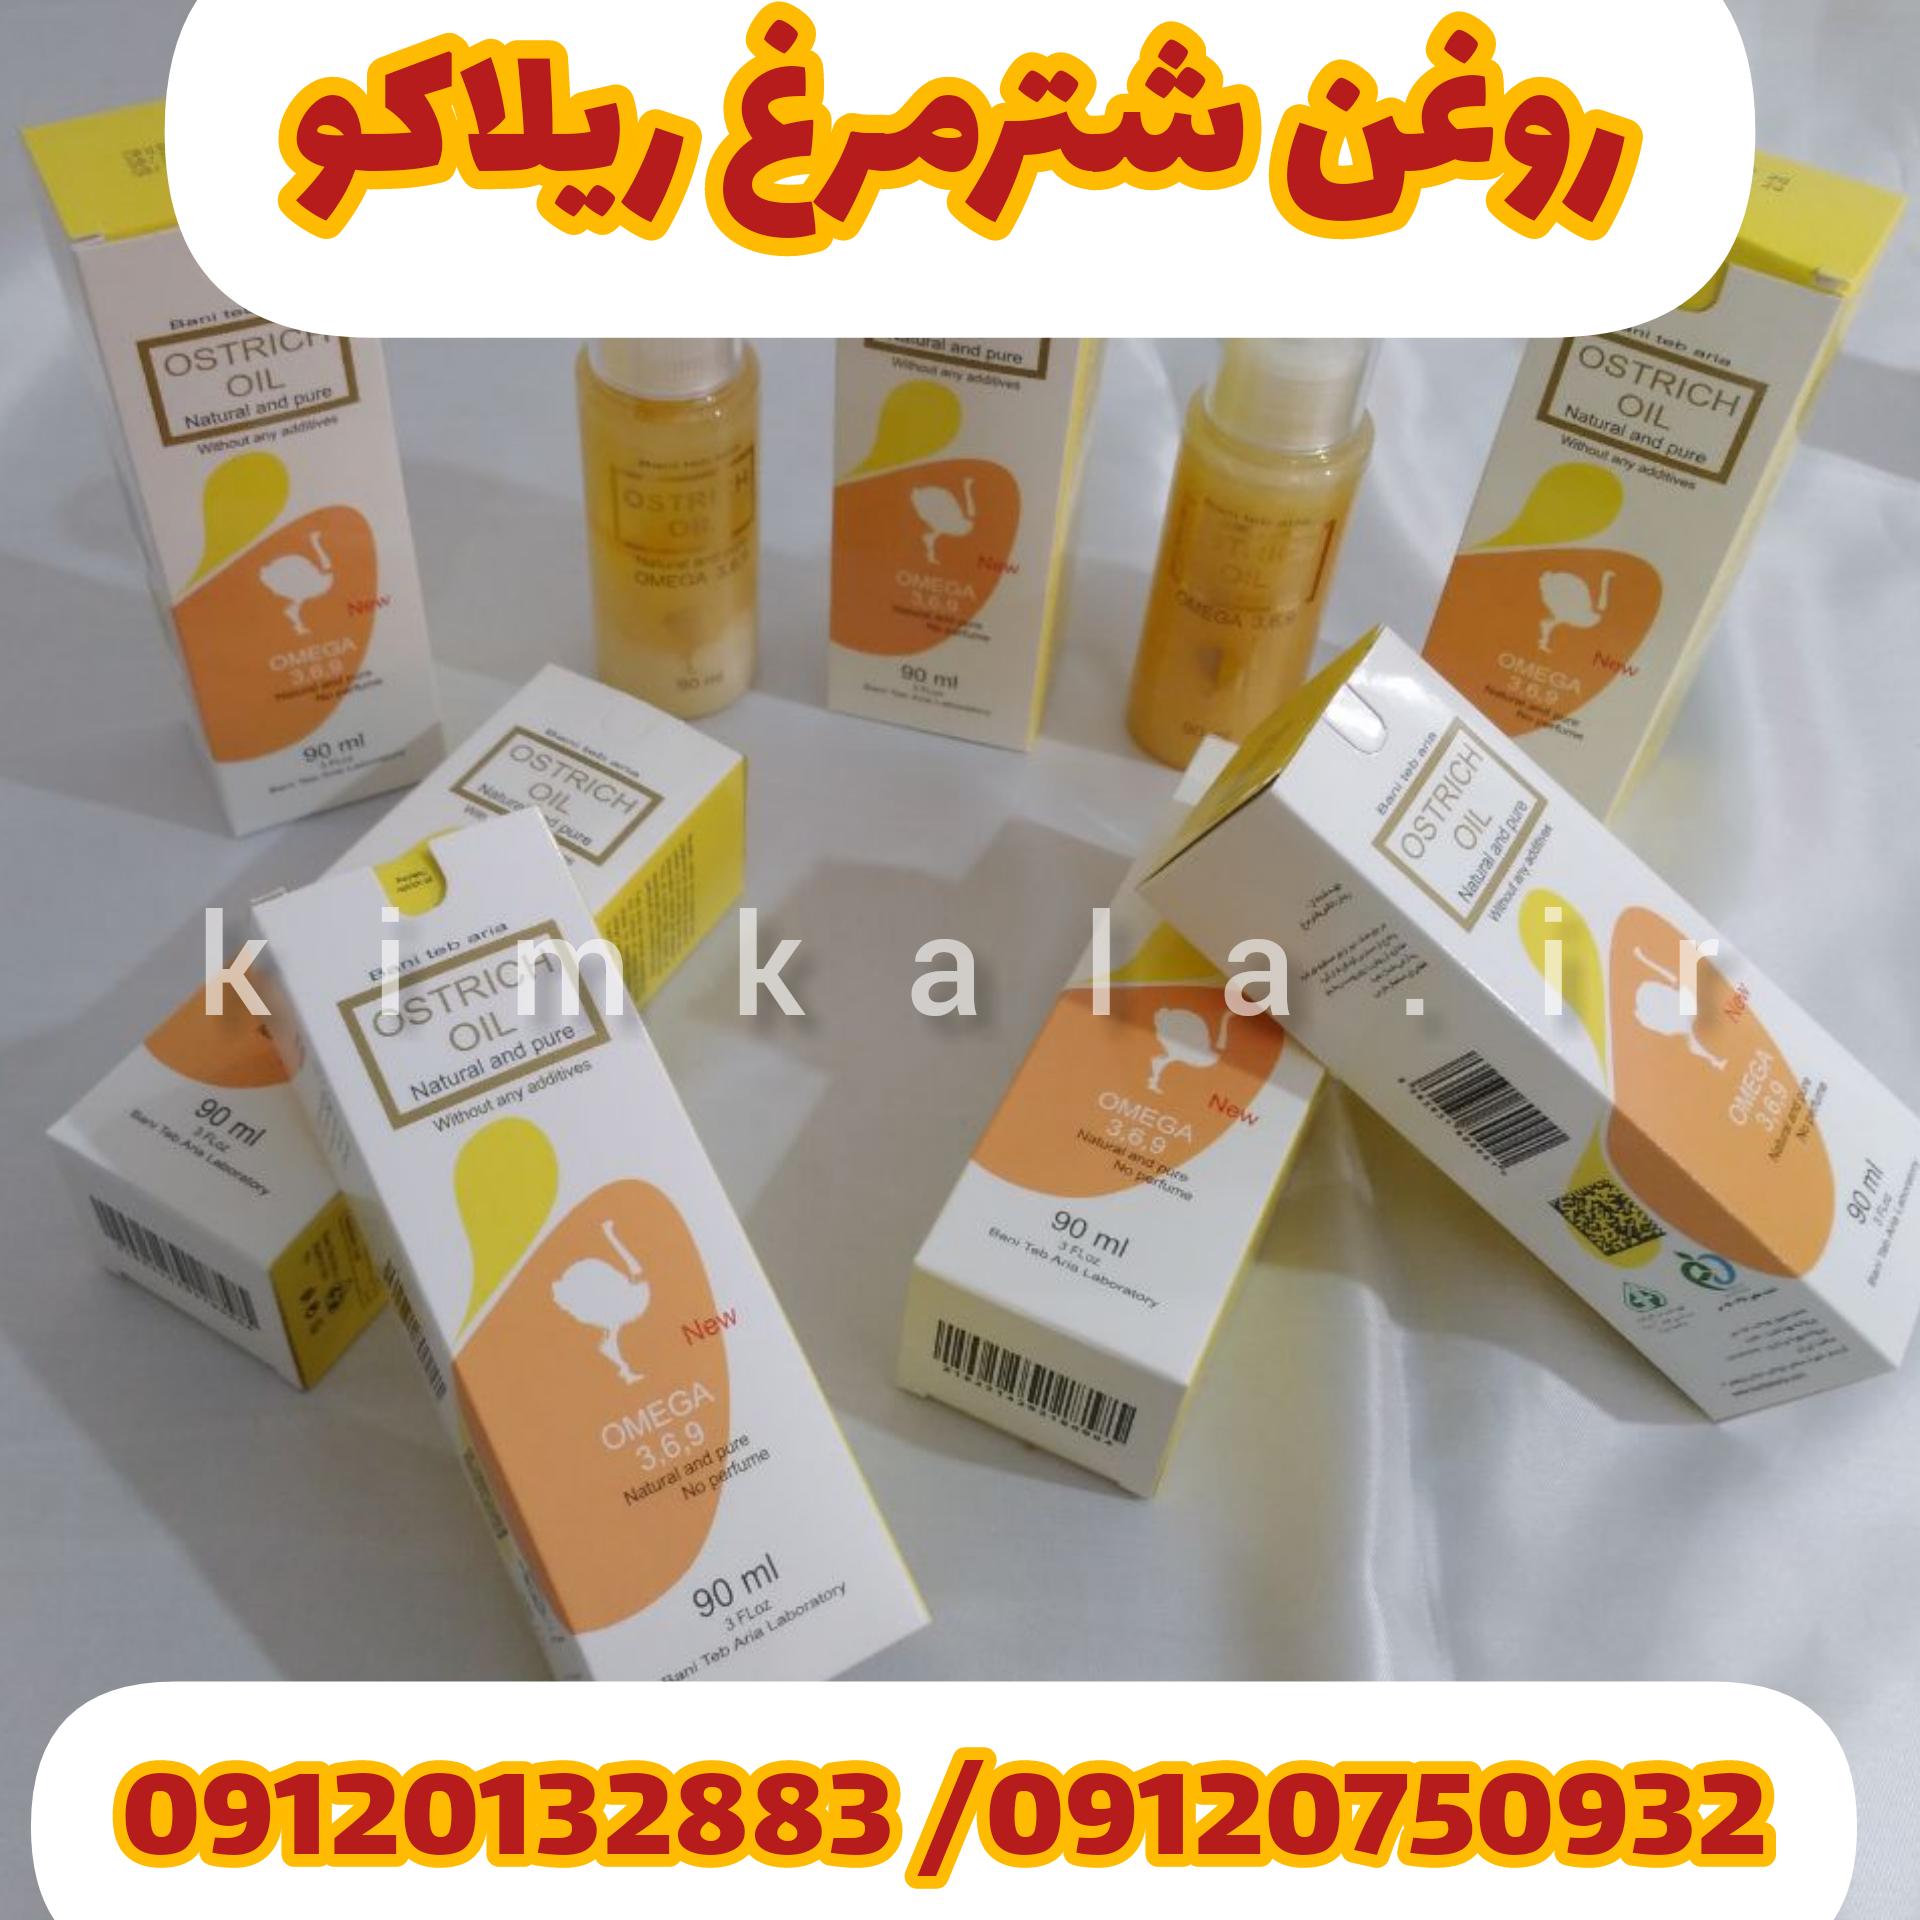 خرید روغن شترمرغ ریلاکو/09120132883/قیمت روغن شتر مرغ